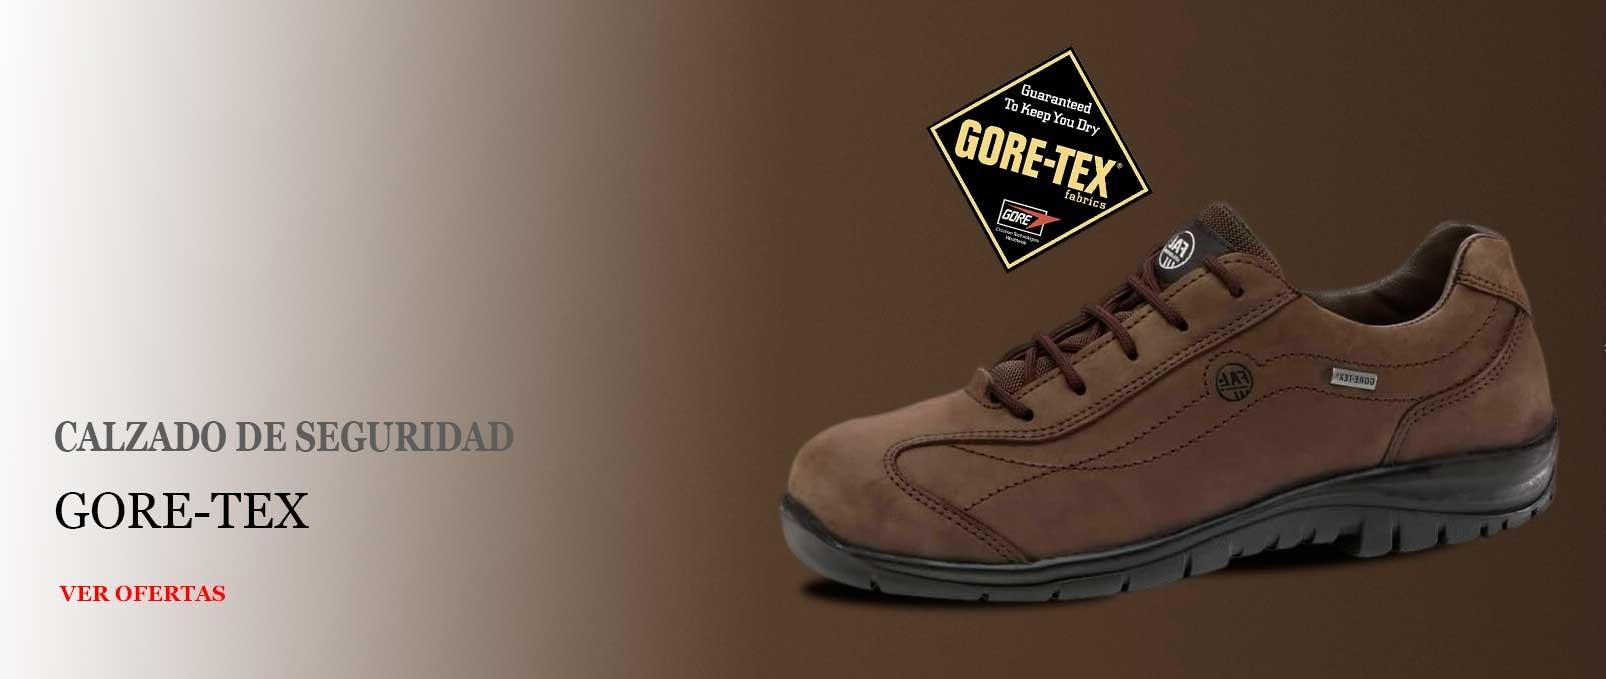 Calzado Goretex